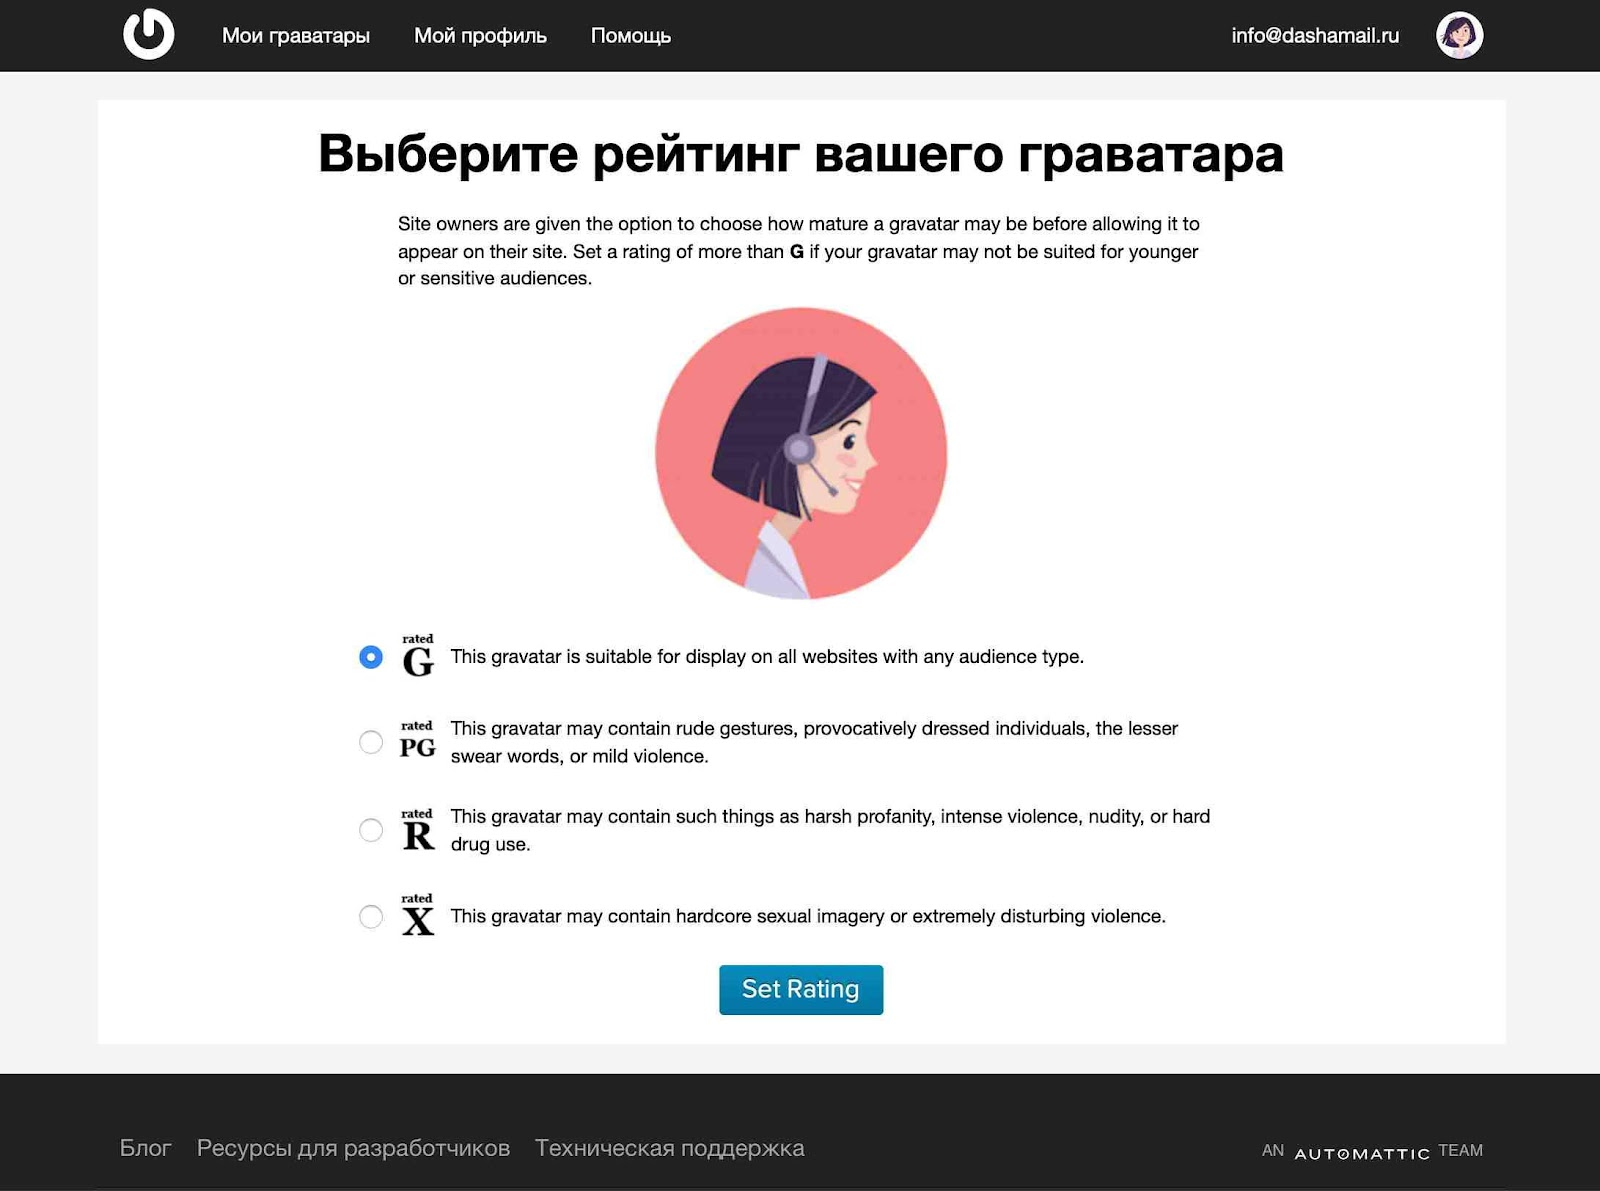 Выбор рейтинга для аватара email-рассылки